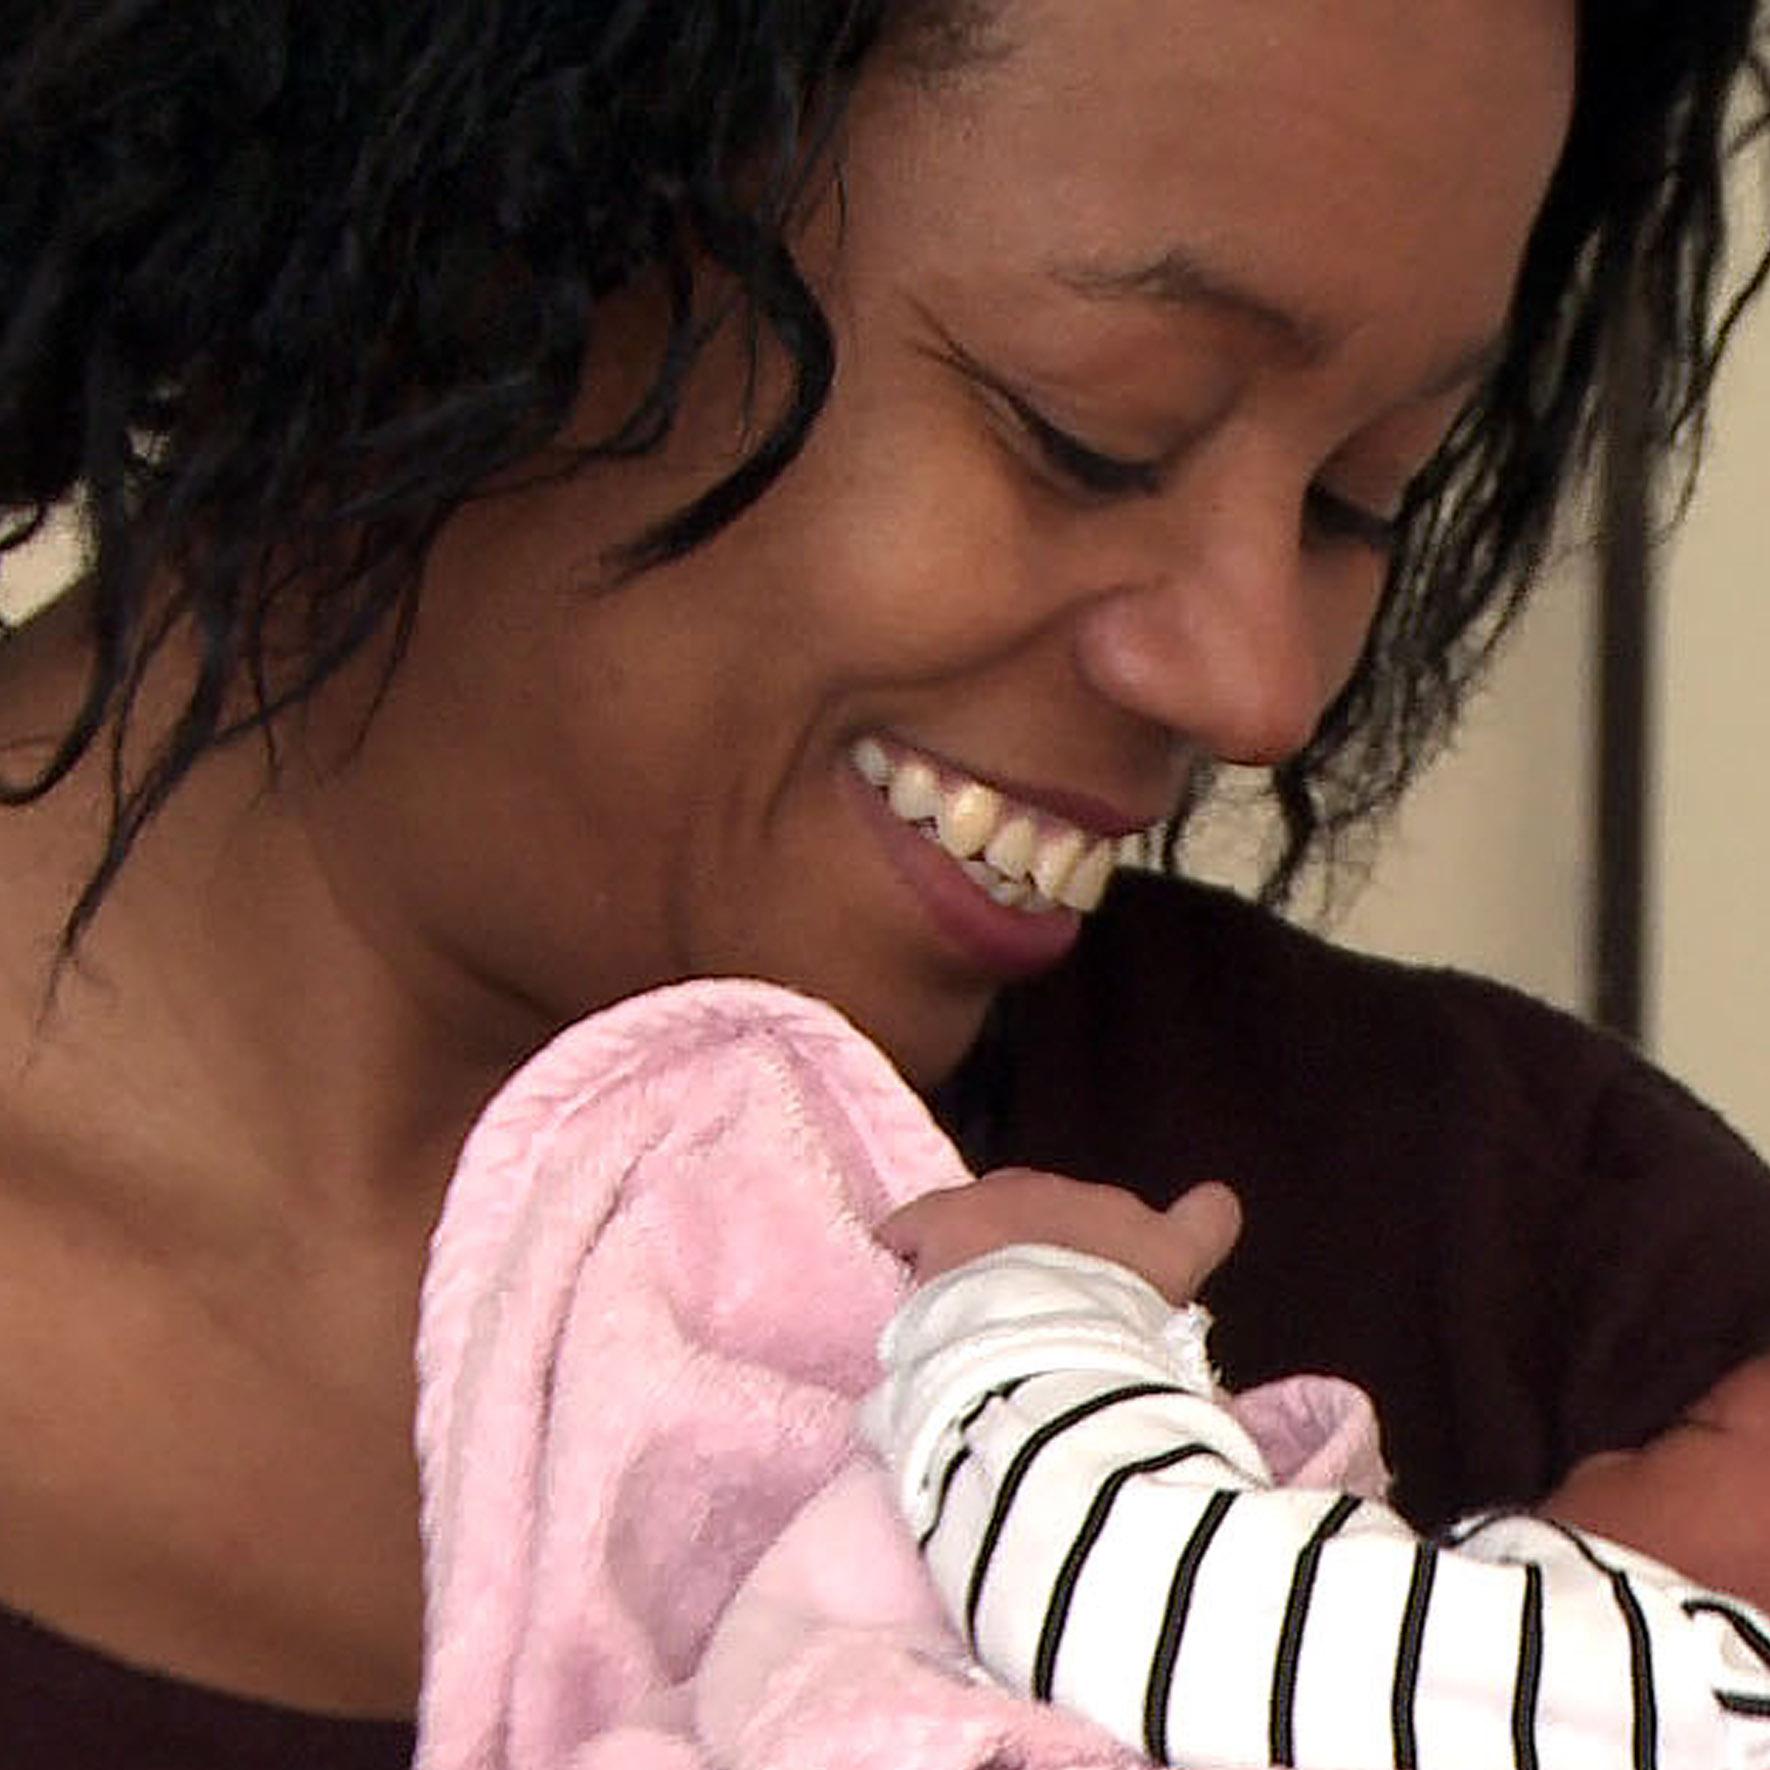 Jetty, vriendin - Heeft net een baby gekregen. Esther kan niet wachten om op kraambezoek te gaan.